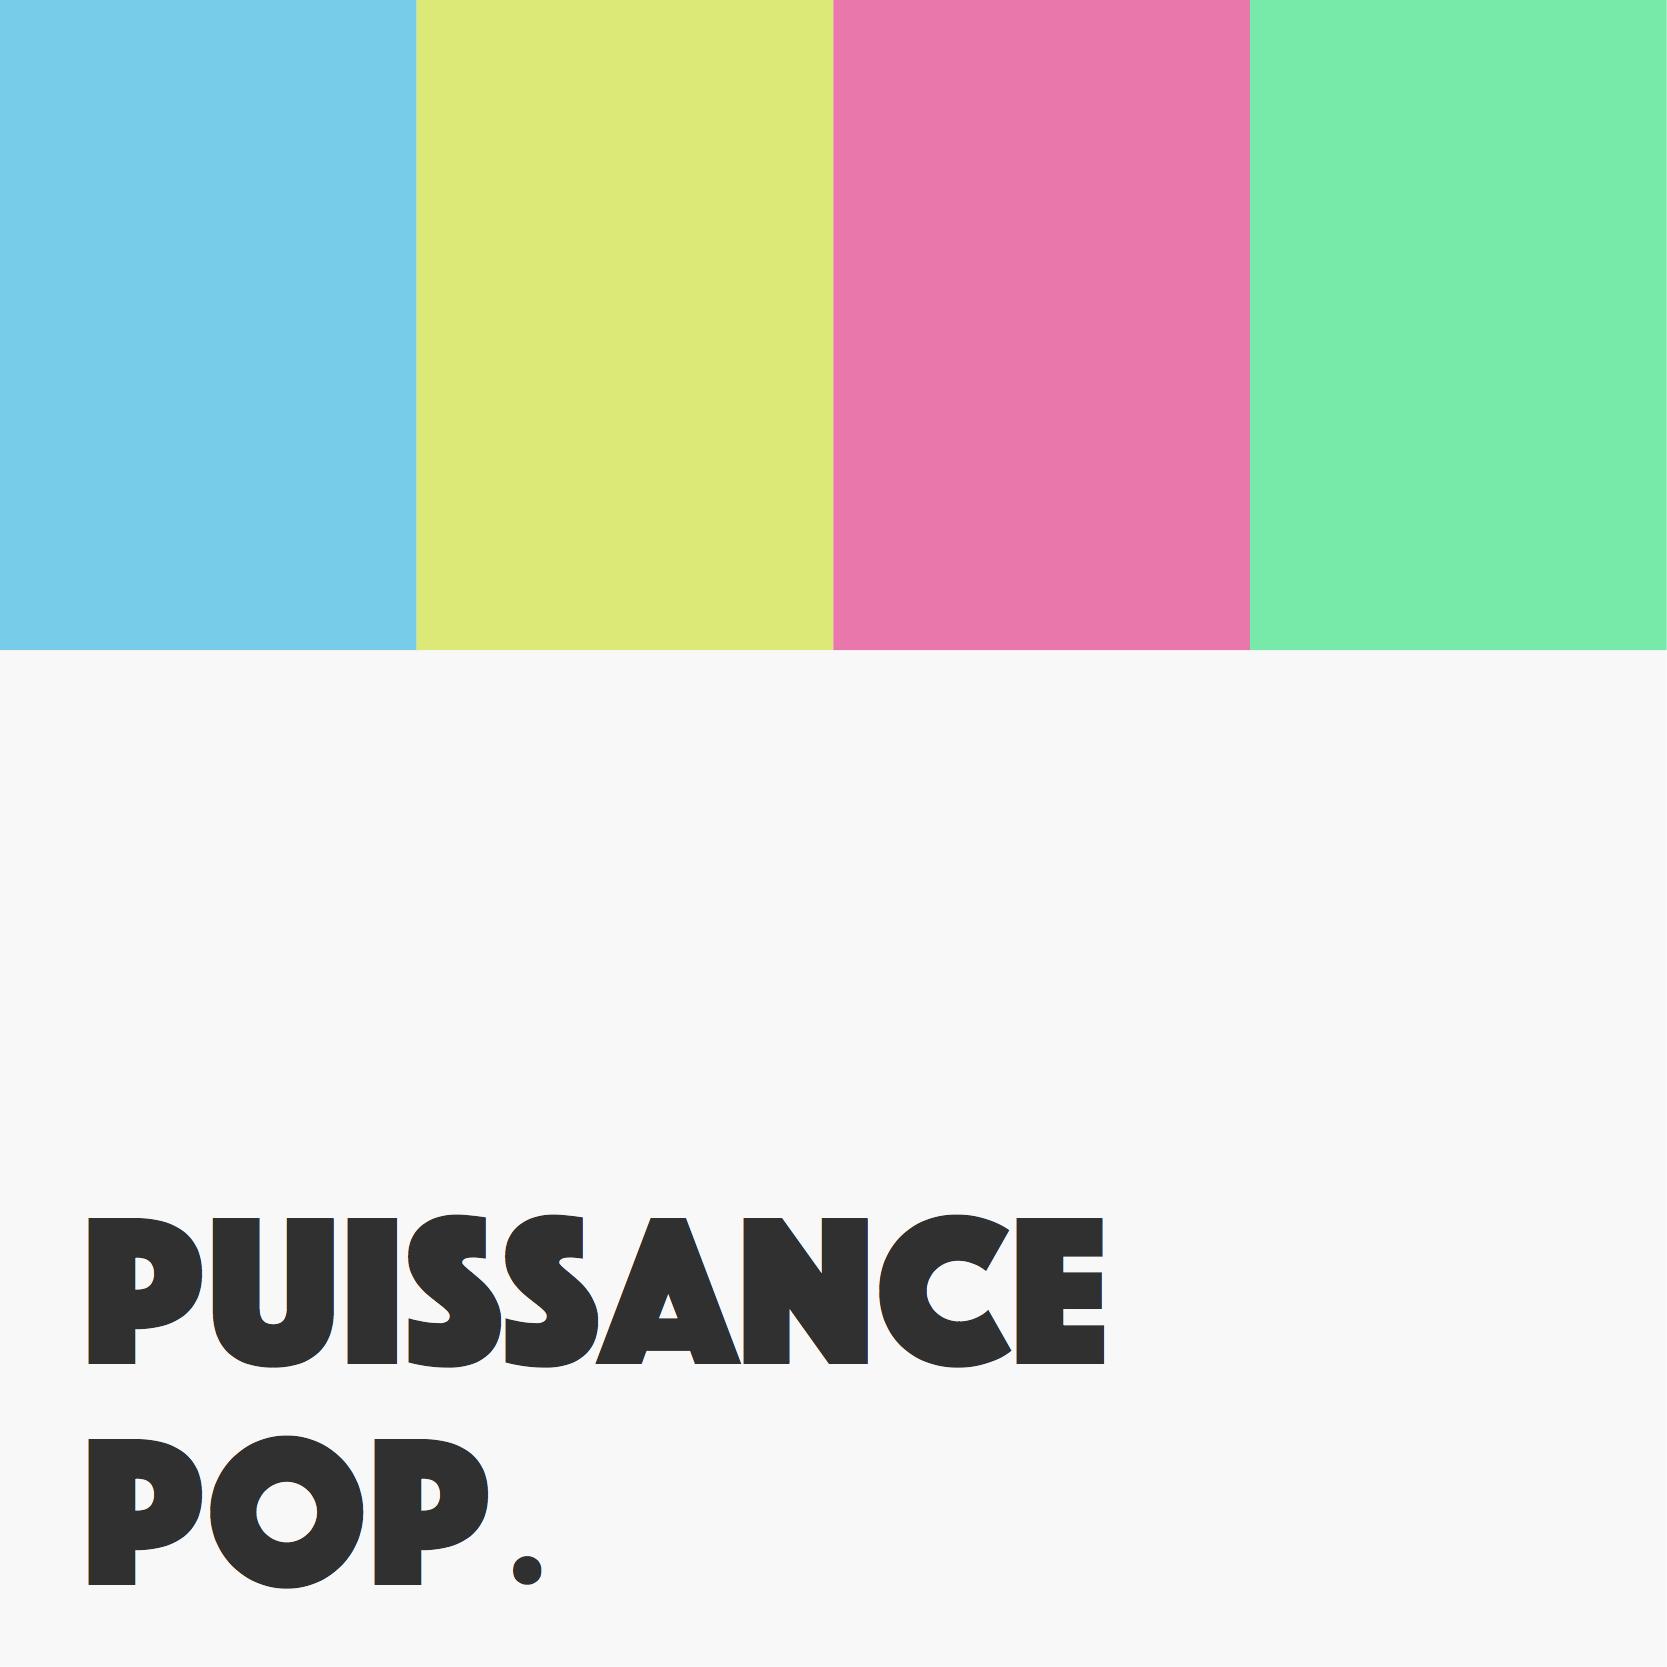 Puissance Pop!